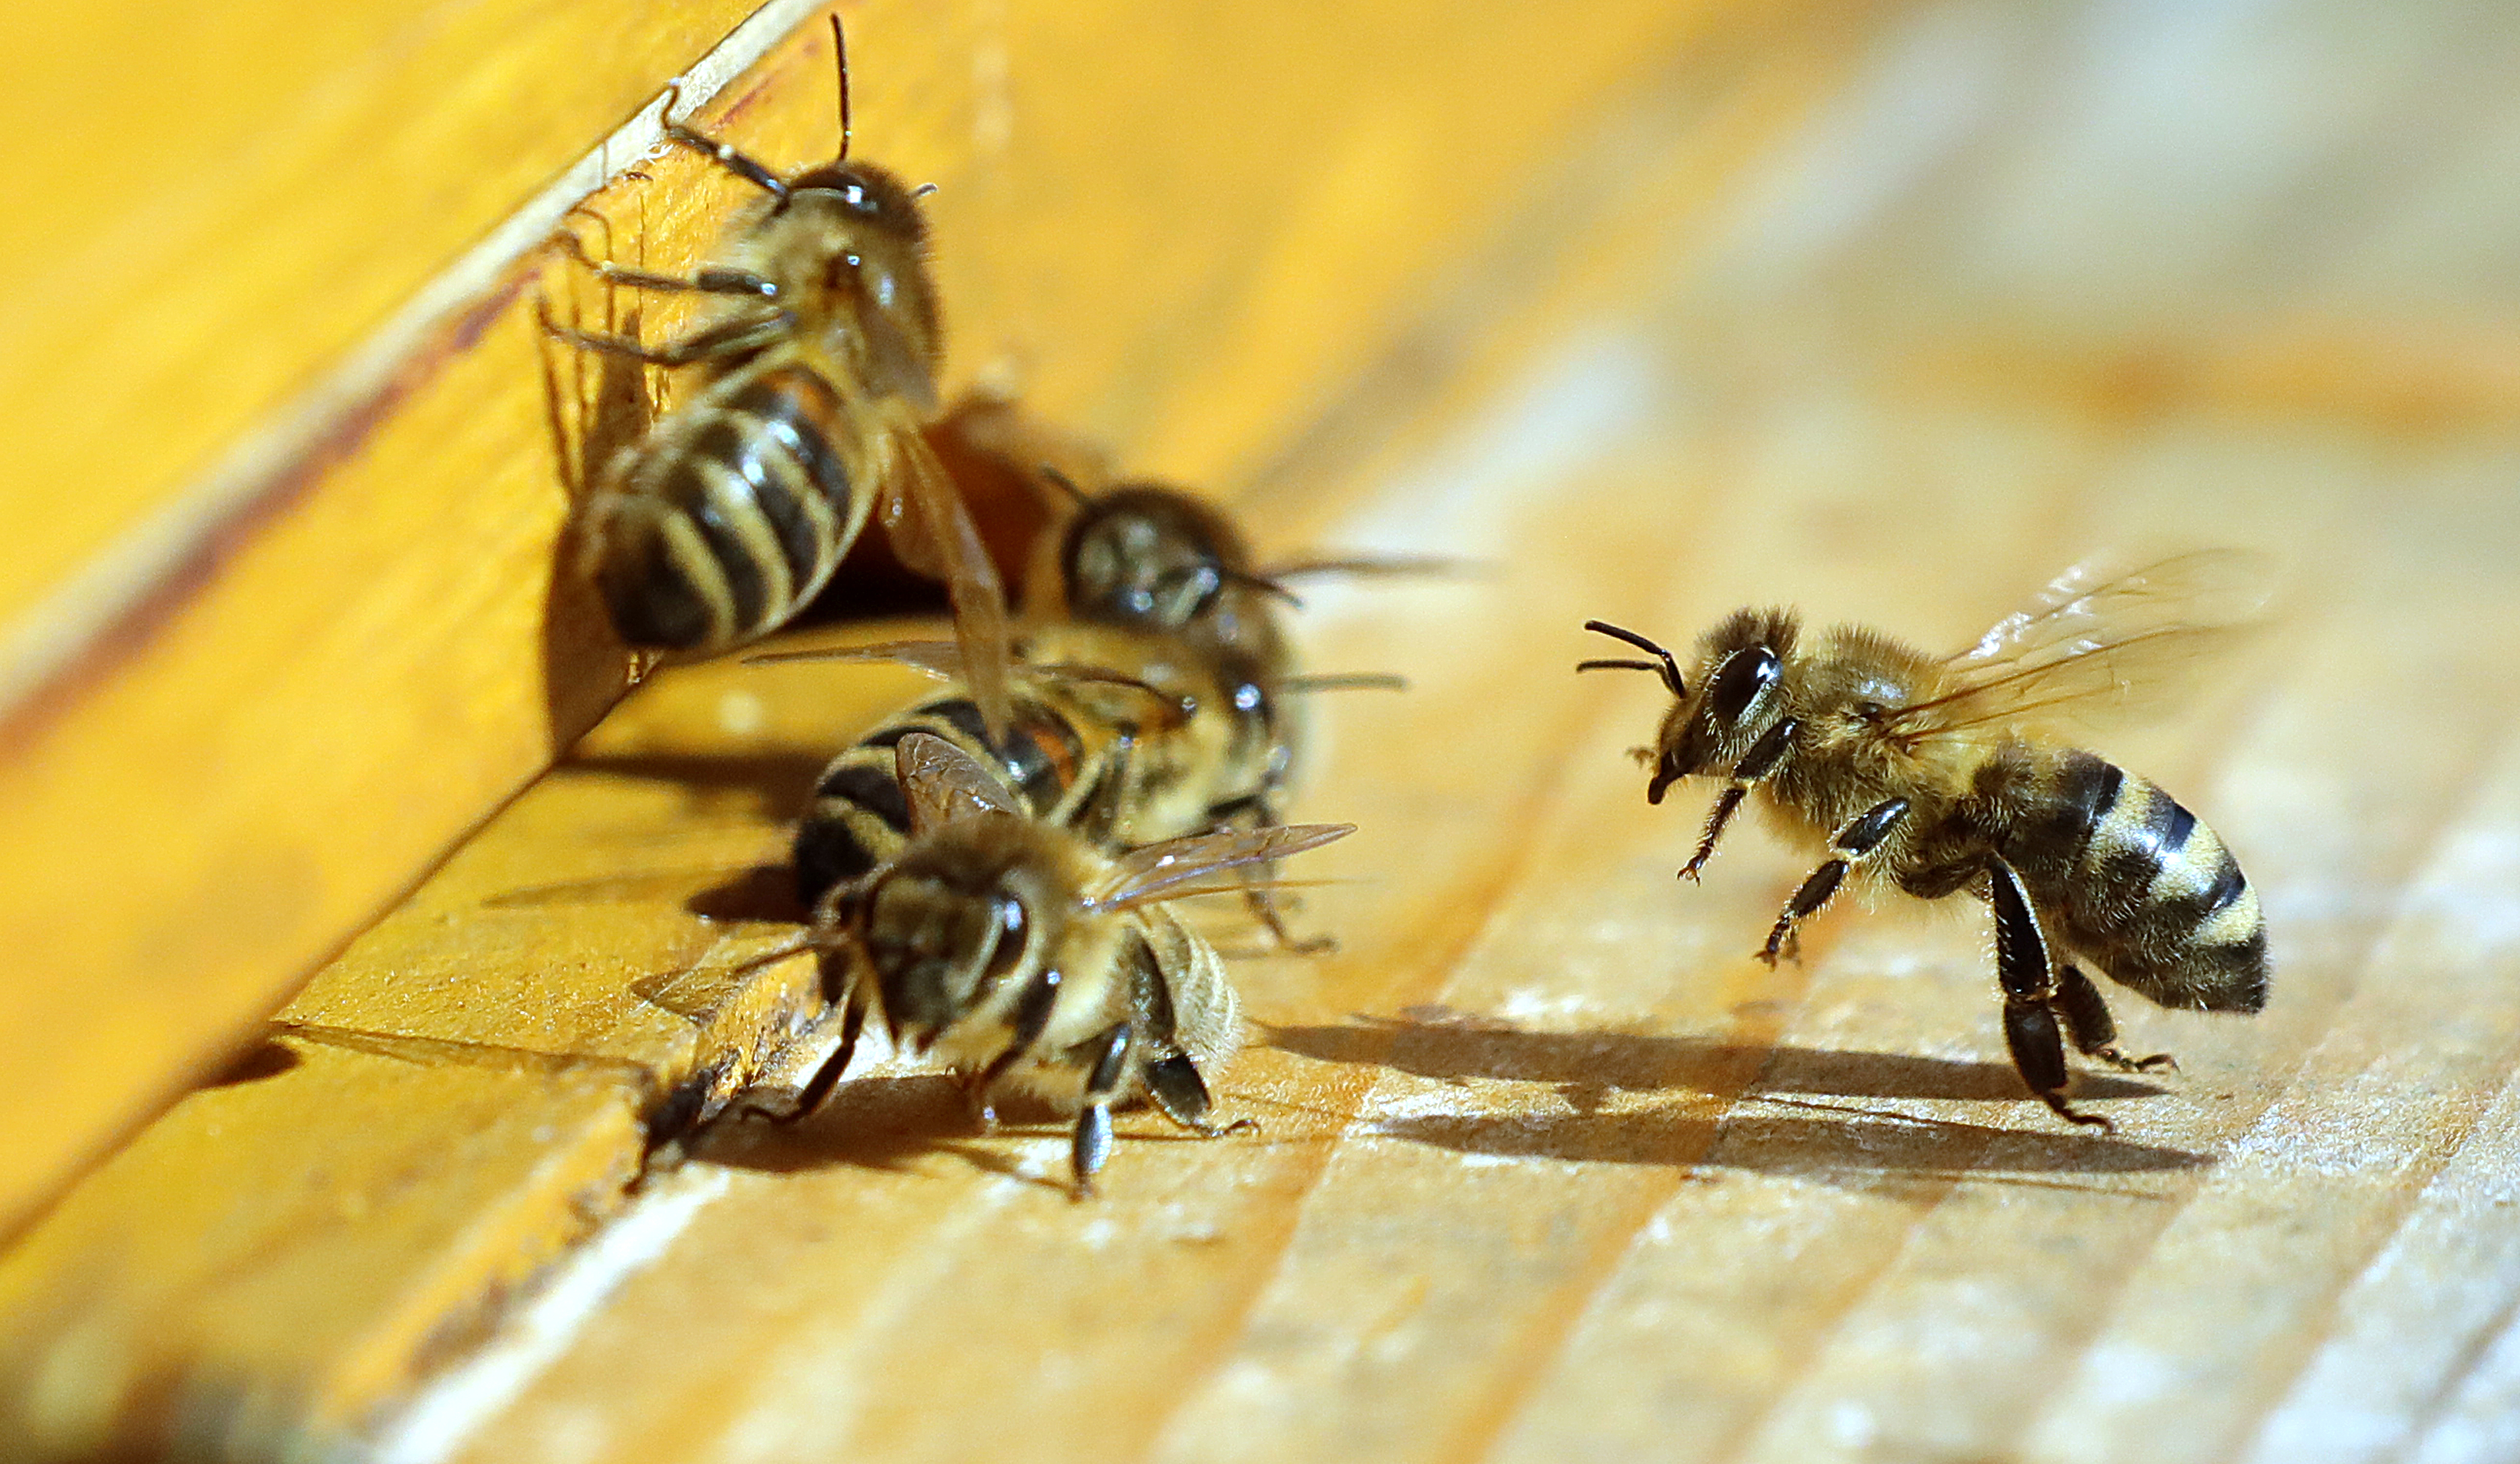 A méhek sokkal fokozottabb védelmét követeli az Európai Parlament